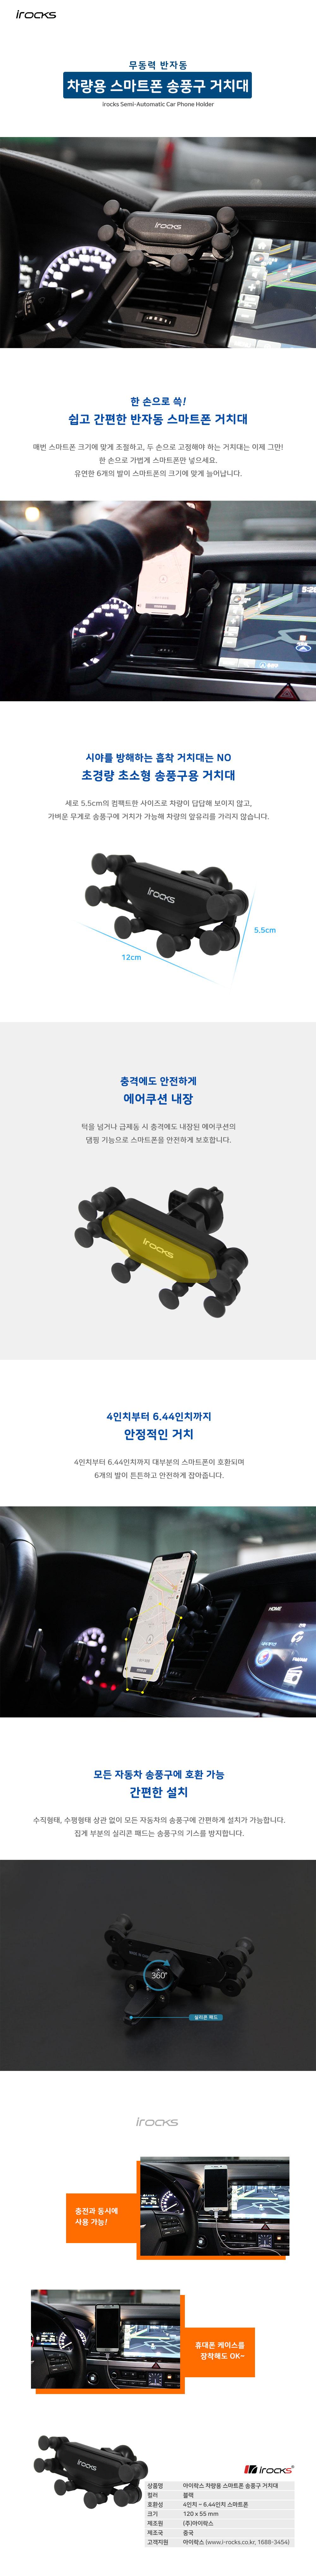 i-rocks  무동력 반자동 차량용 스마트 휴대폰 송풍구 거치대